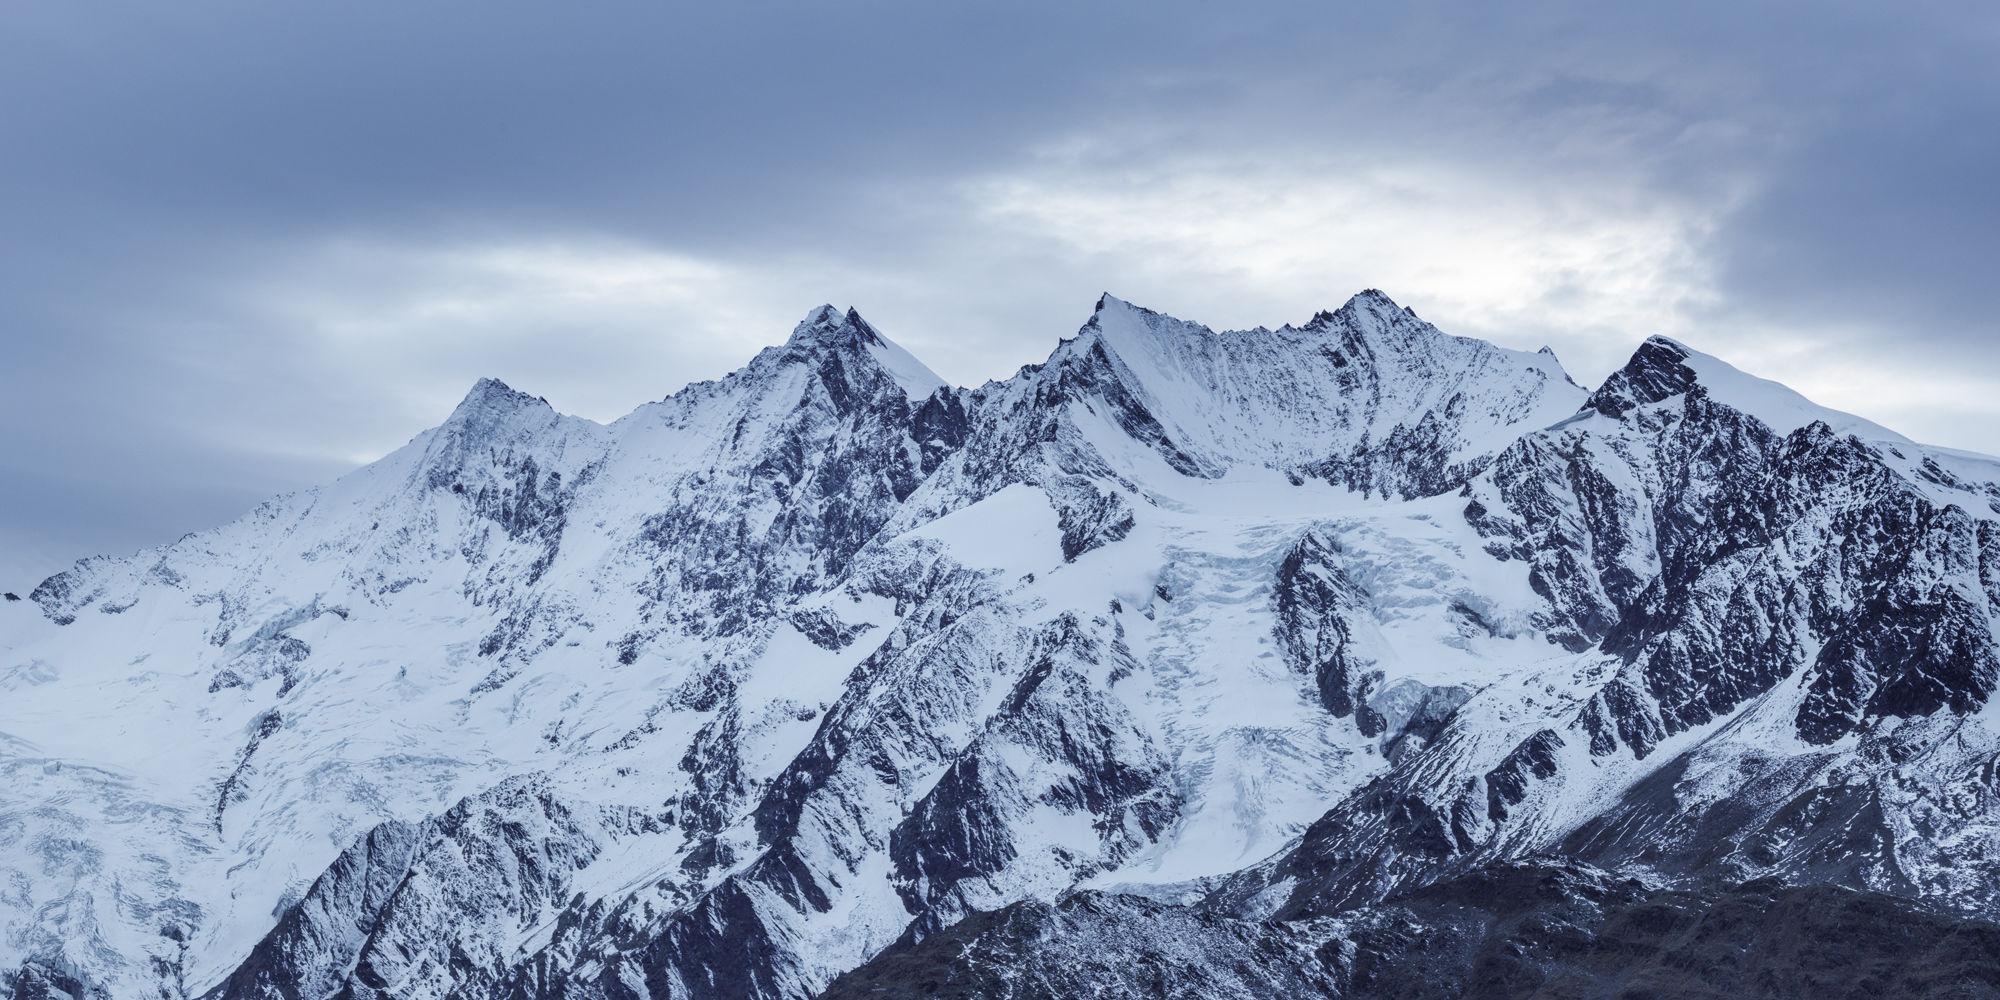 Bergkette Saas-Fee - Freie Ferienrepublik Saas-Fee